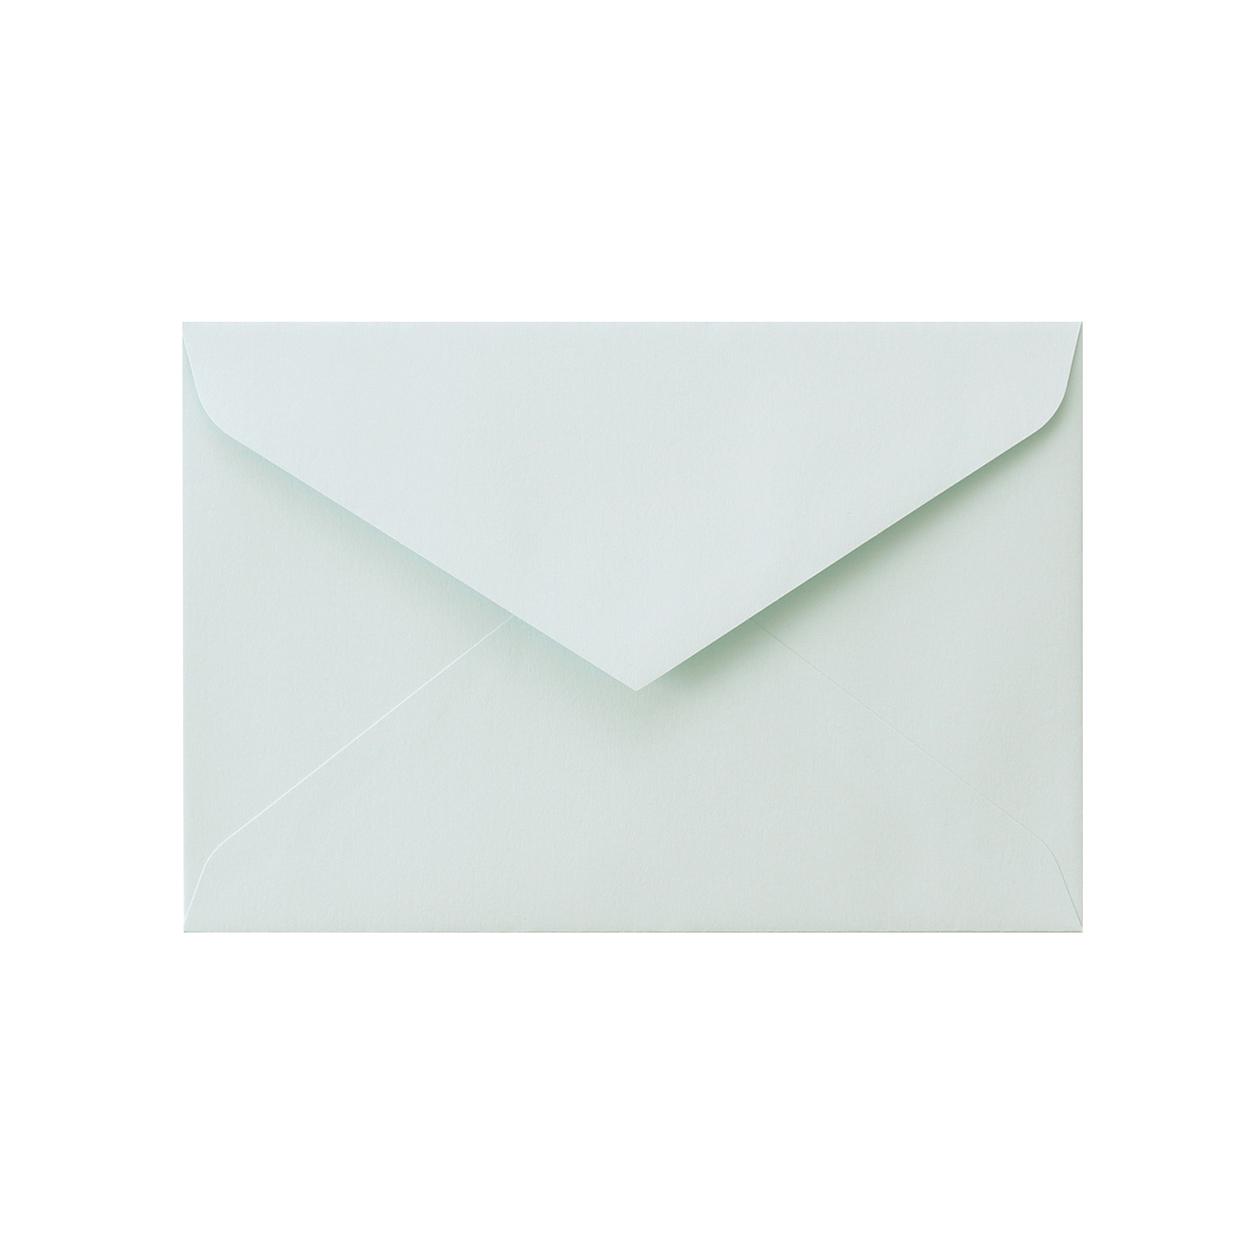 洋1ダイア封筒 コットン ブルー 116.3g